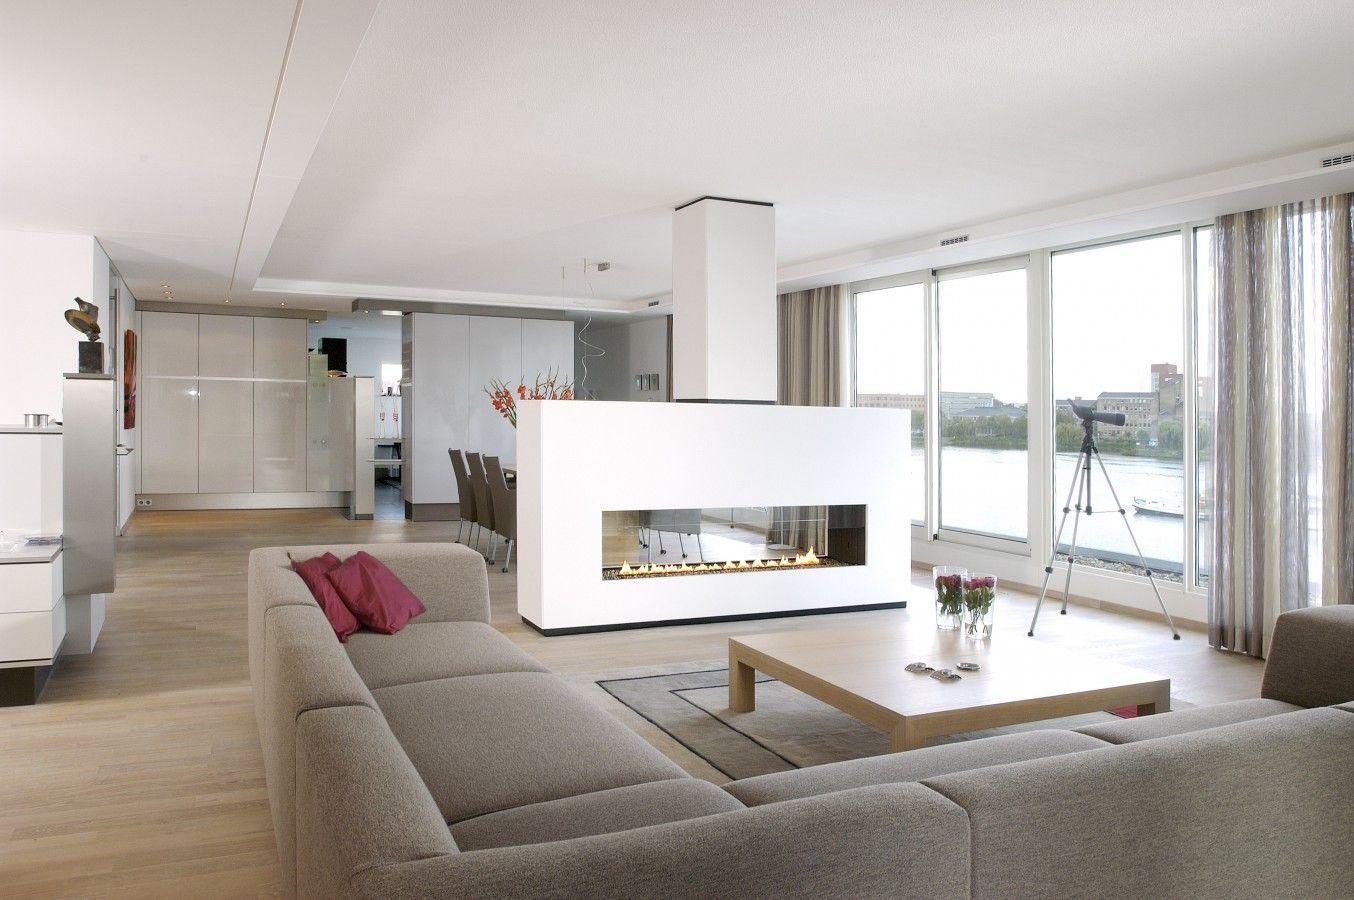 zentrale kamine sind wahre skulpturen suchen spektakul re. Black Bedroom Furniture Sets. Home Design Ideas